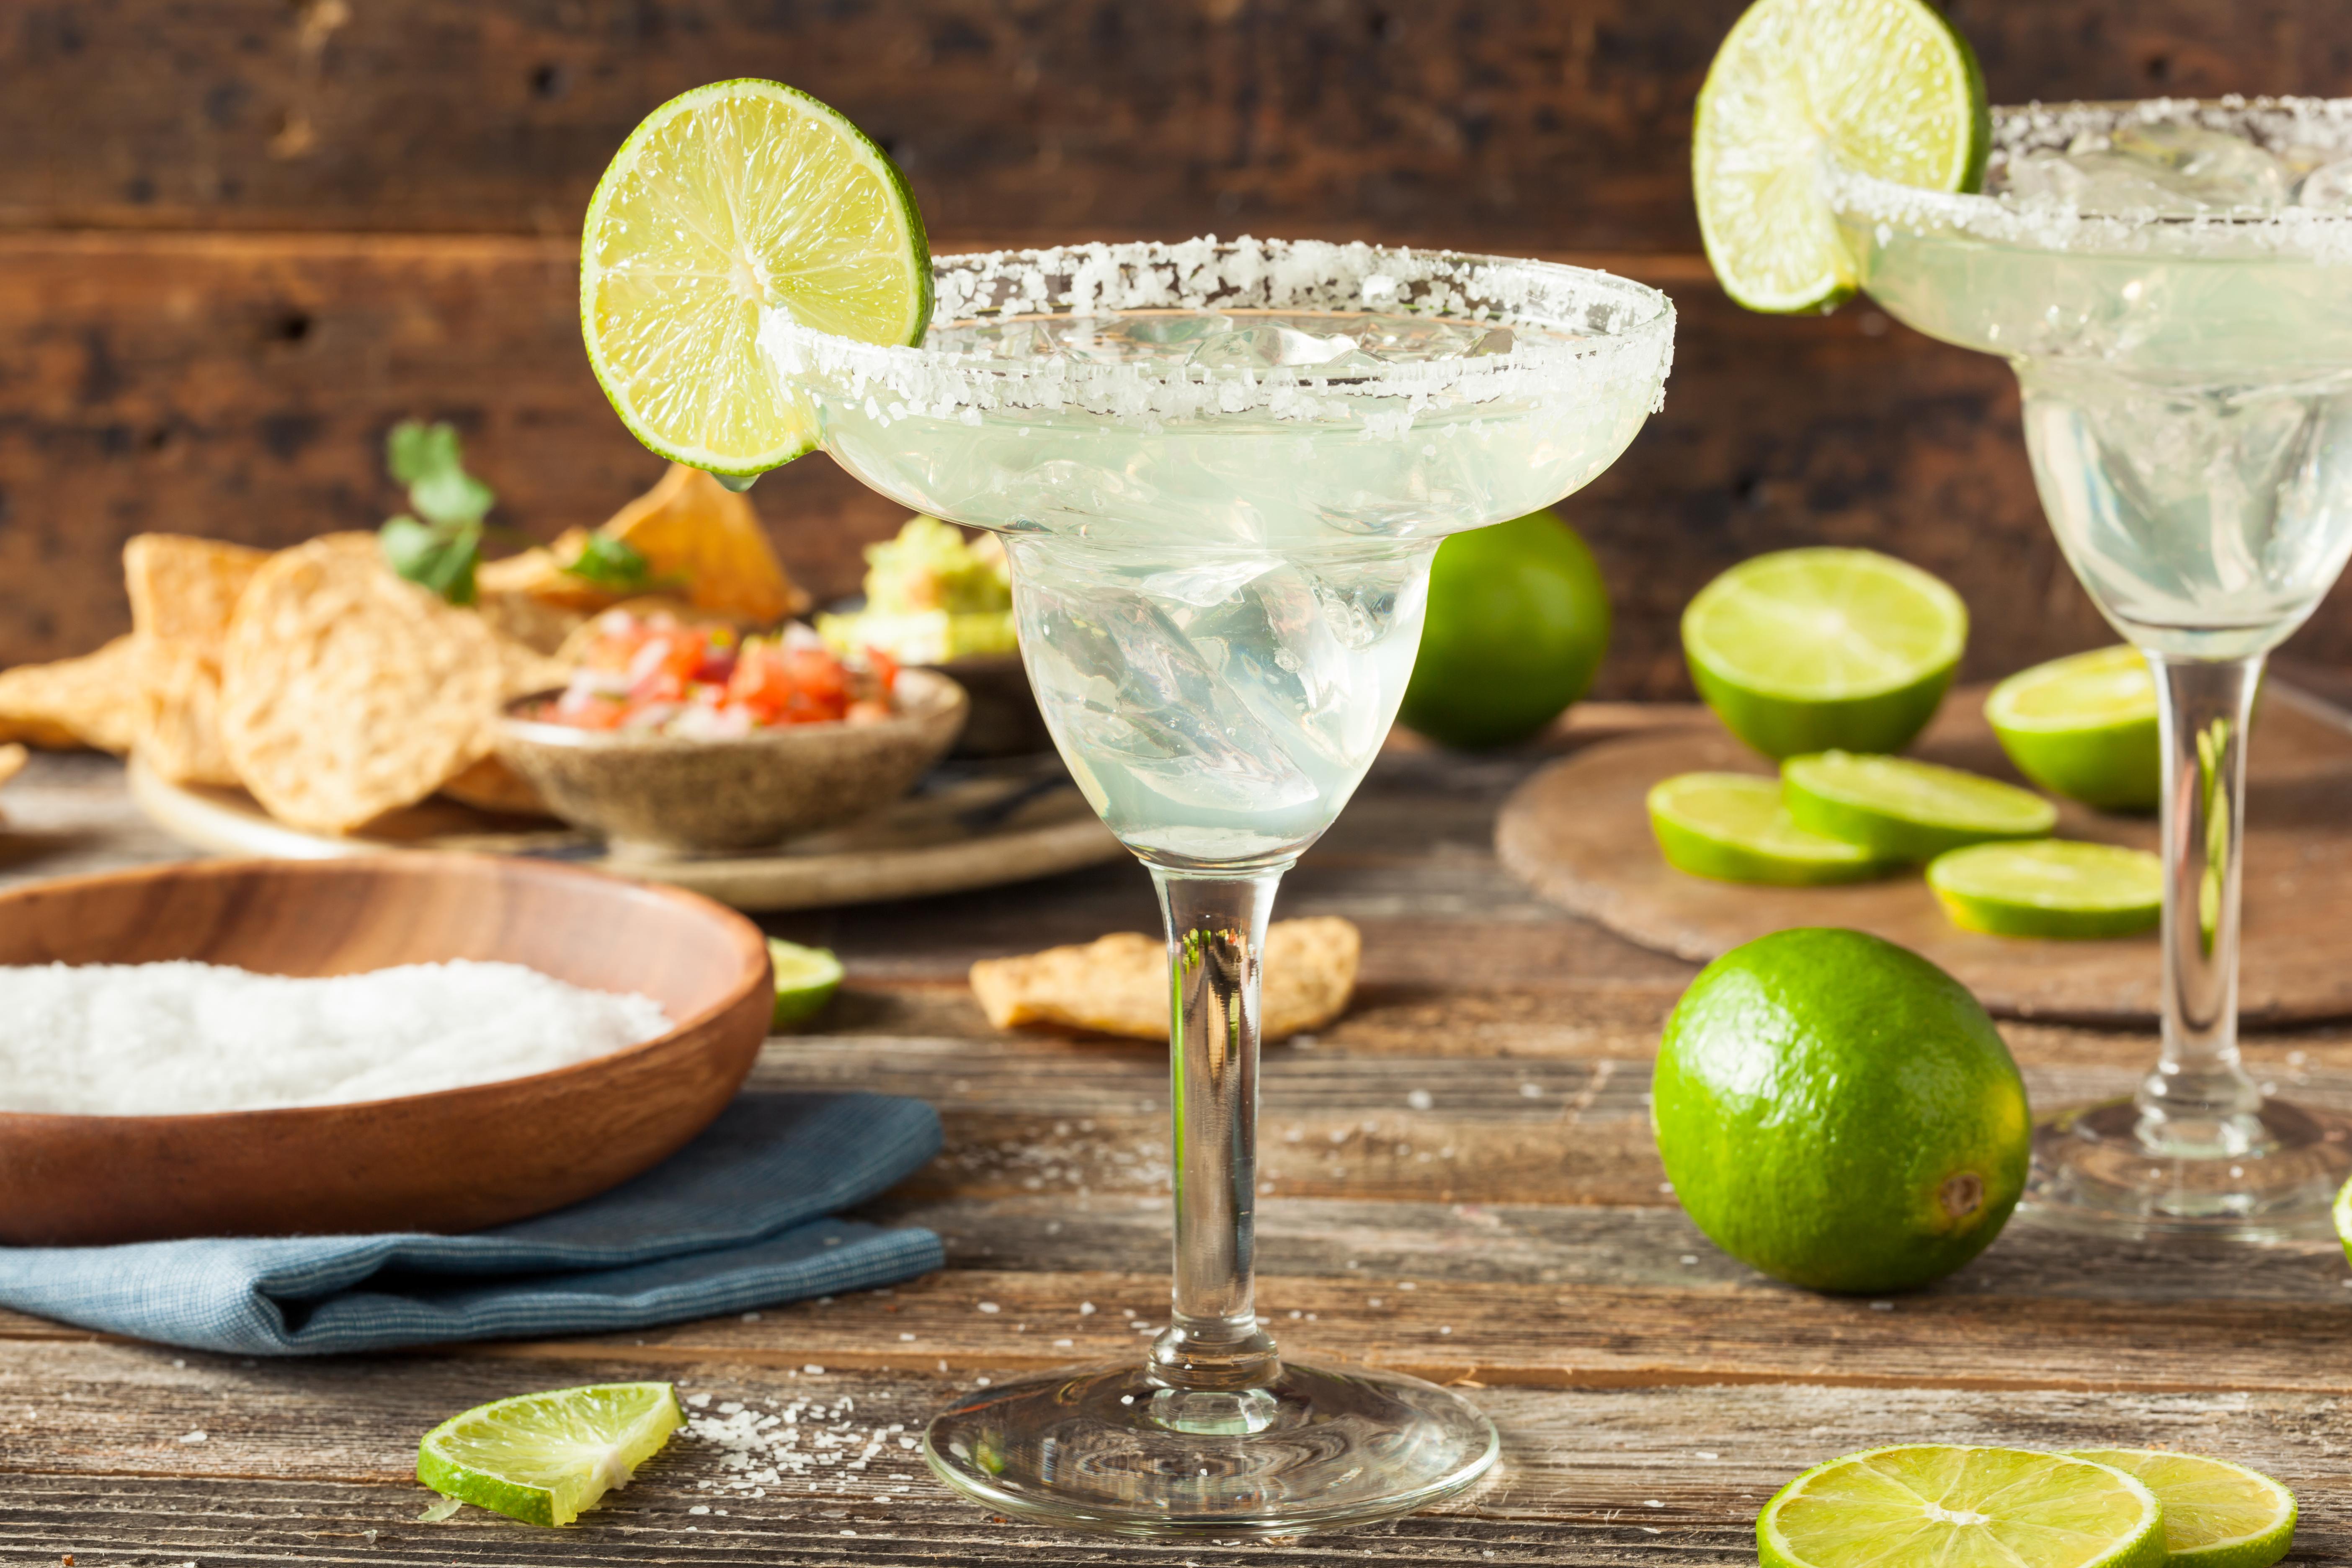 Día de la Margarita: Conoce los orígenes del coctel mexicano